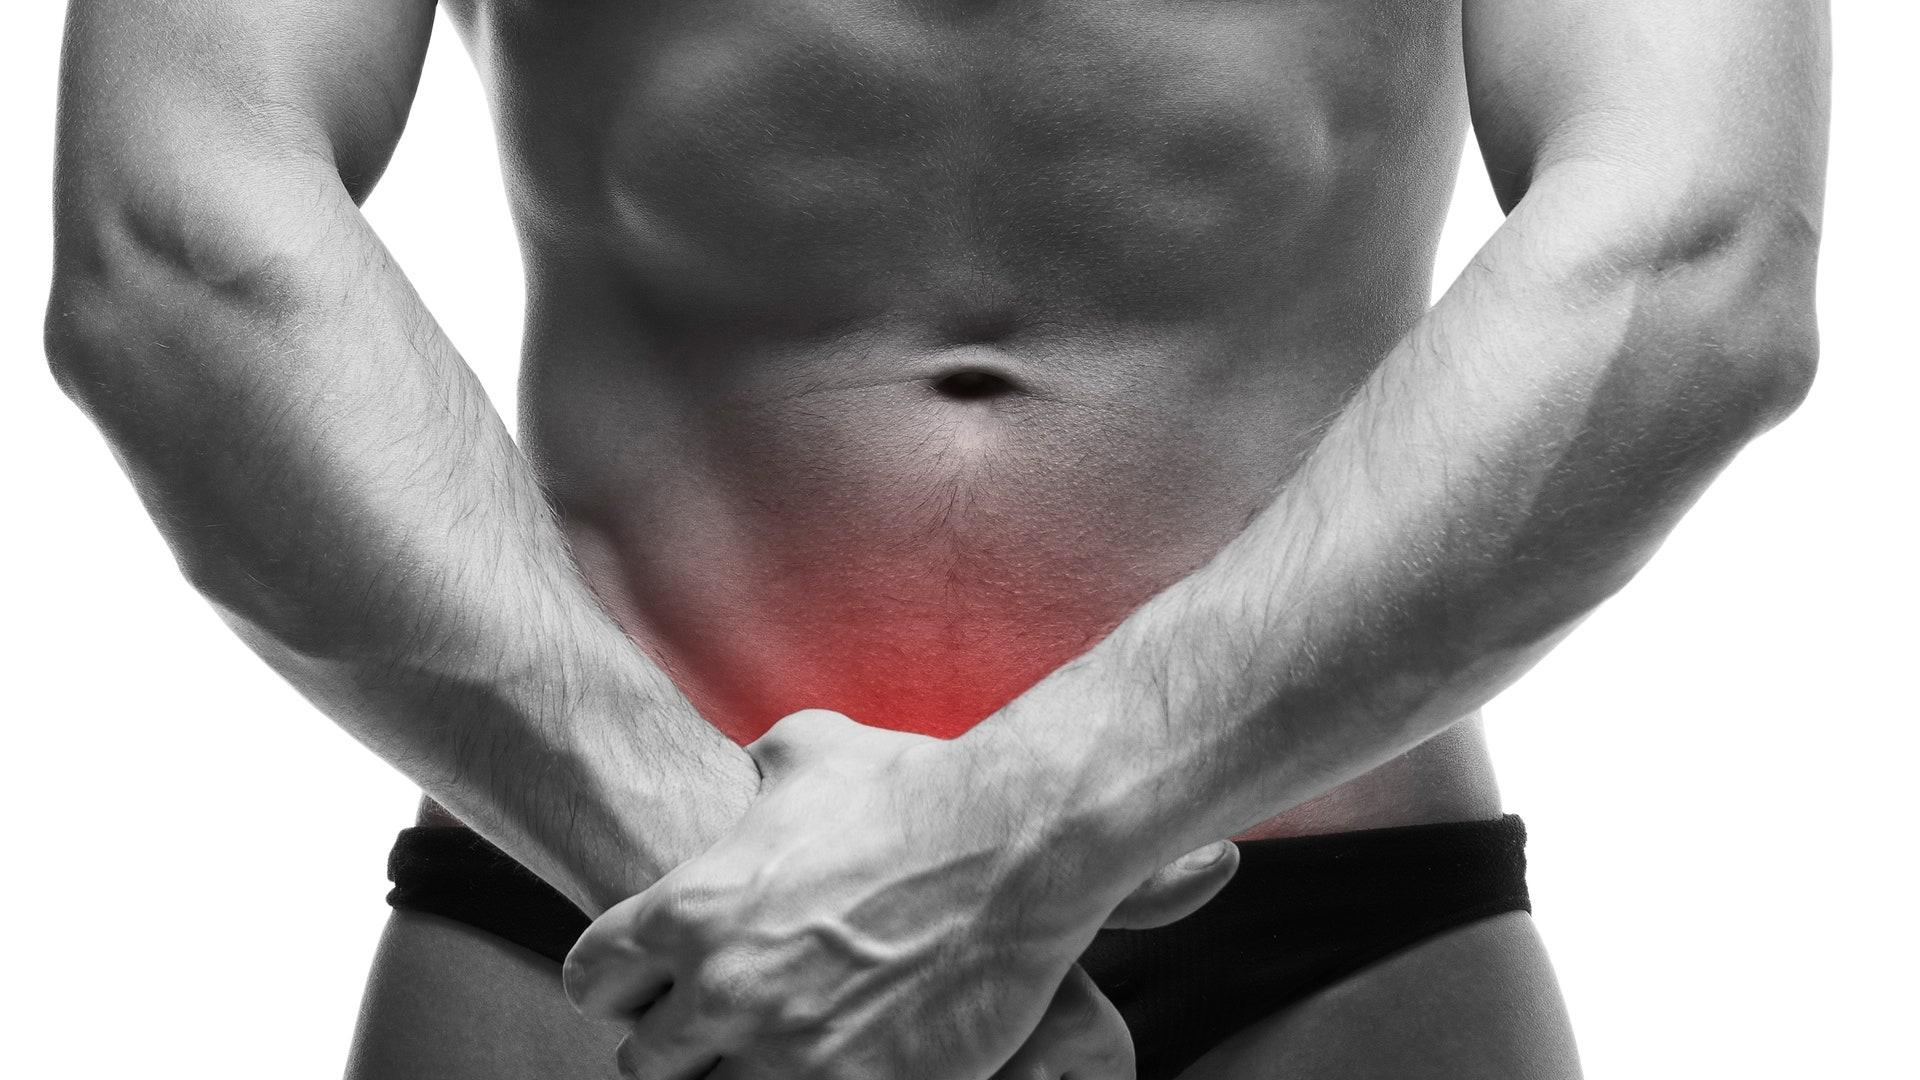 Болят яички от воздержания: что делать?